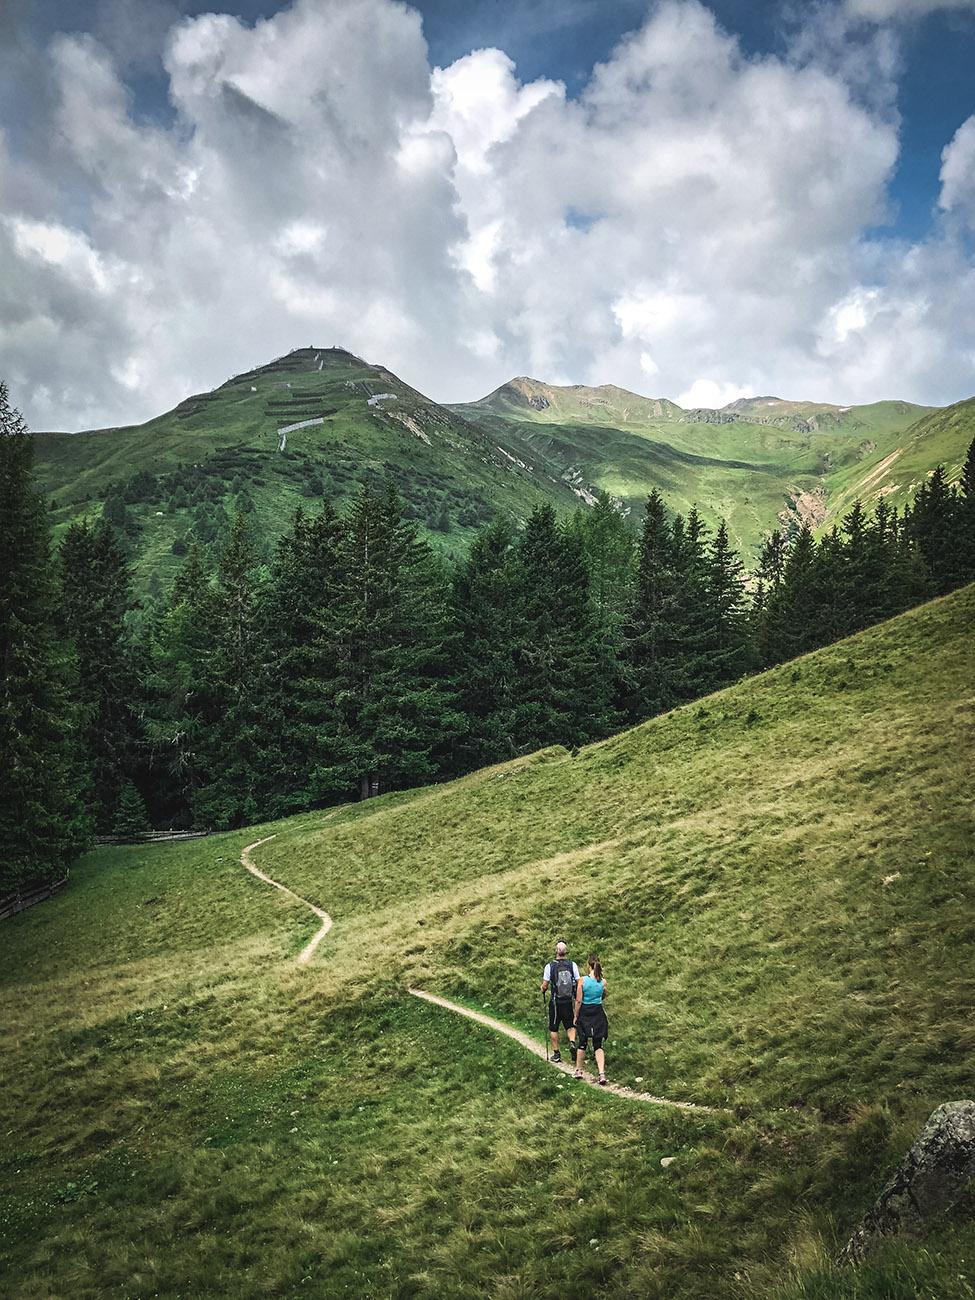 Alpen-Rundwanderung Schatzalp - Erbalp - Stafelalp - Frauenkirch - Davos